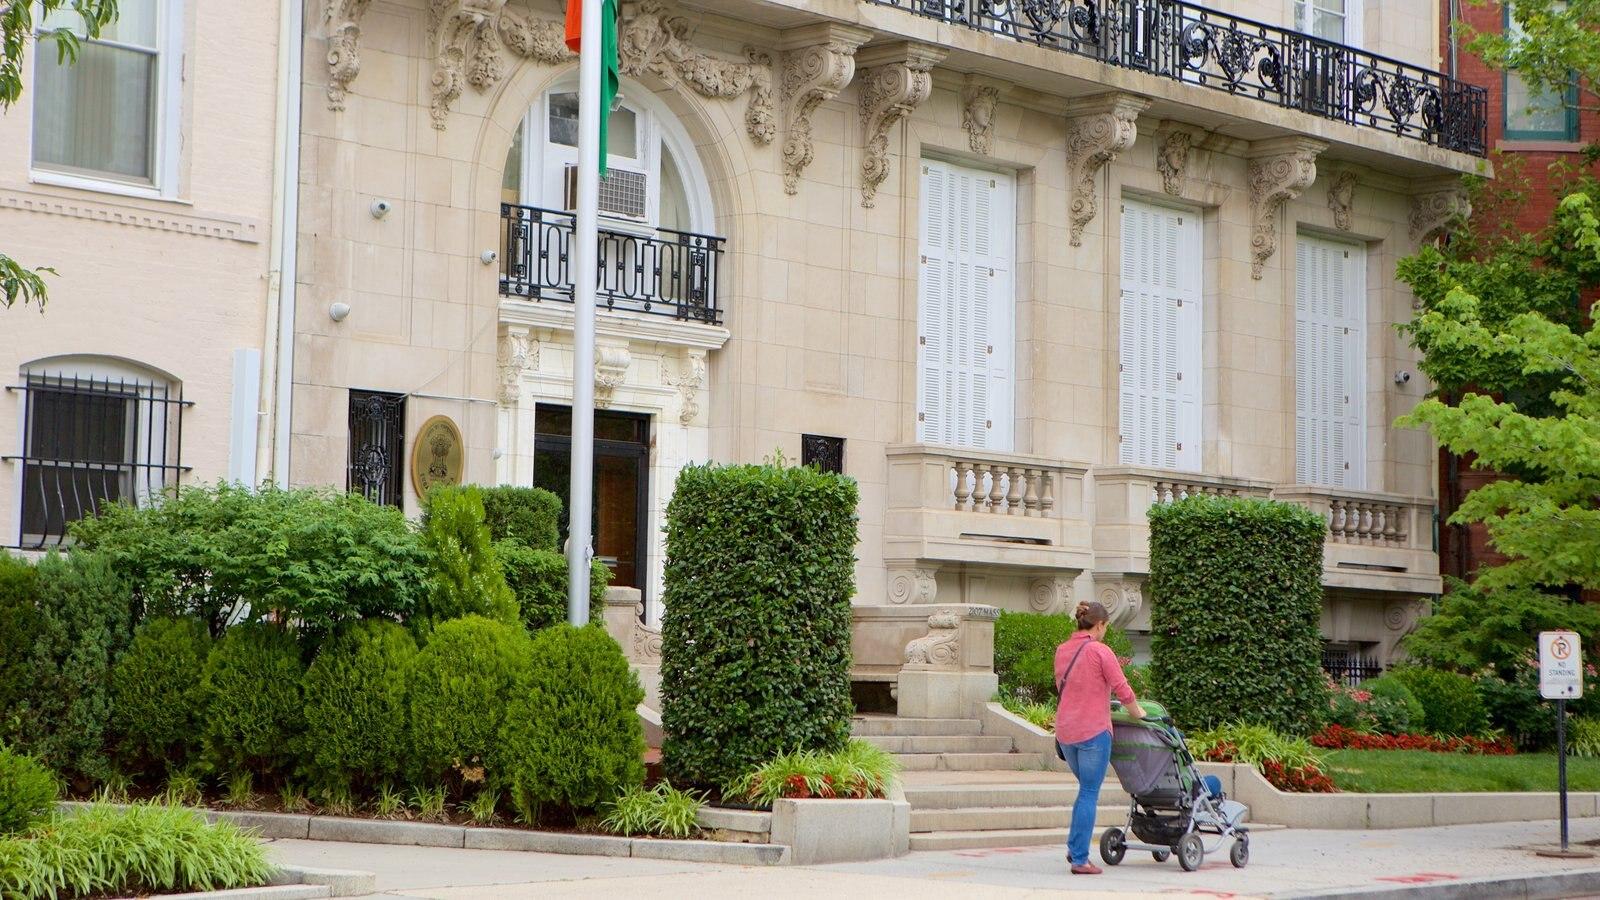 Embassy Row mostrando um edifício administrativo, um jardim e elementos de patrimônio